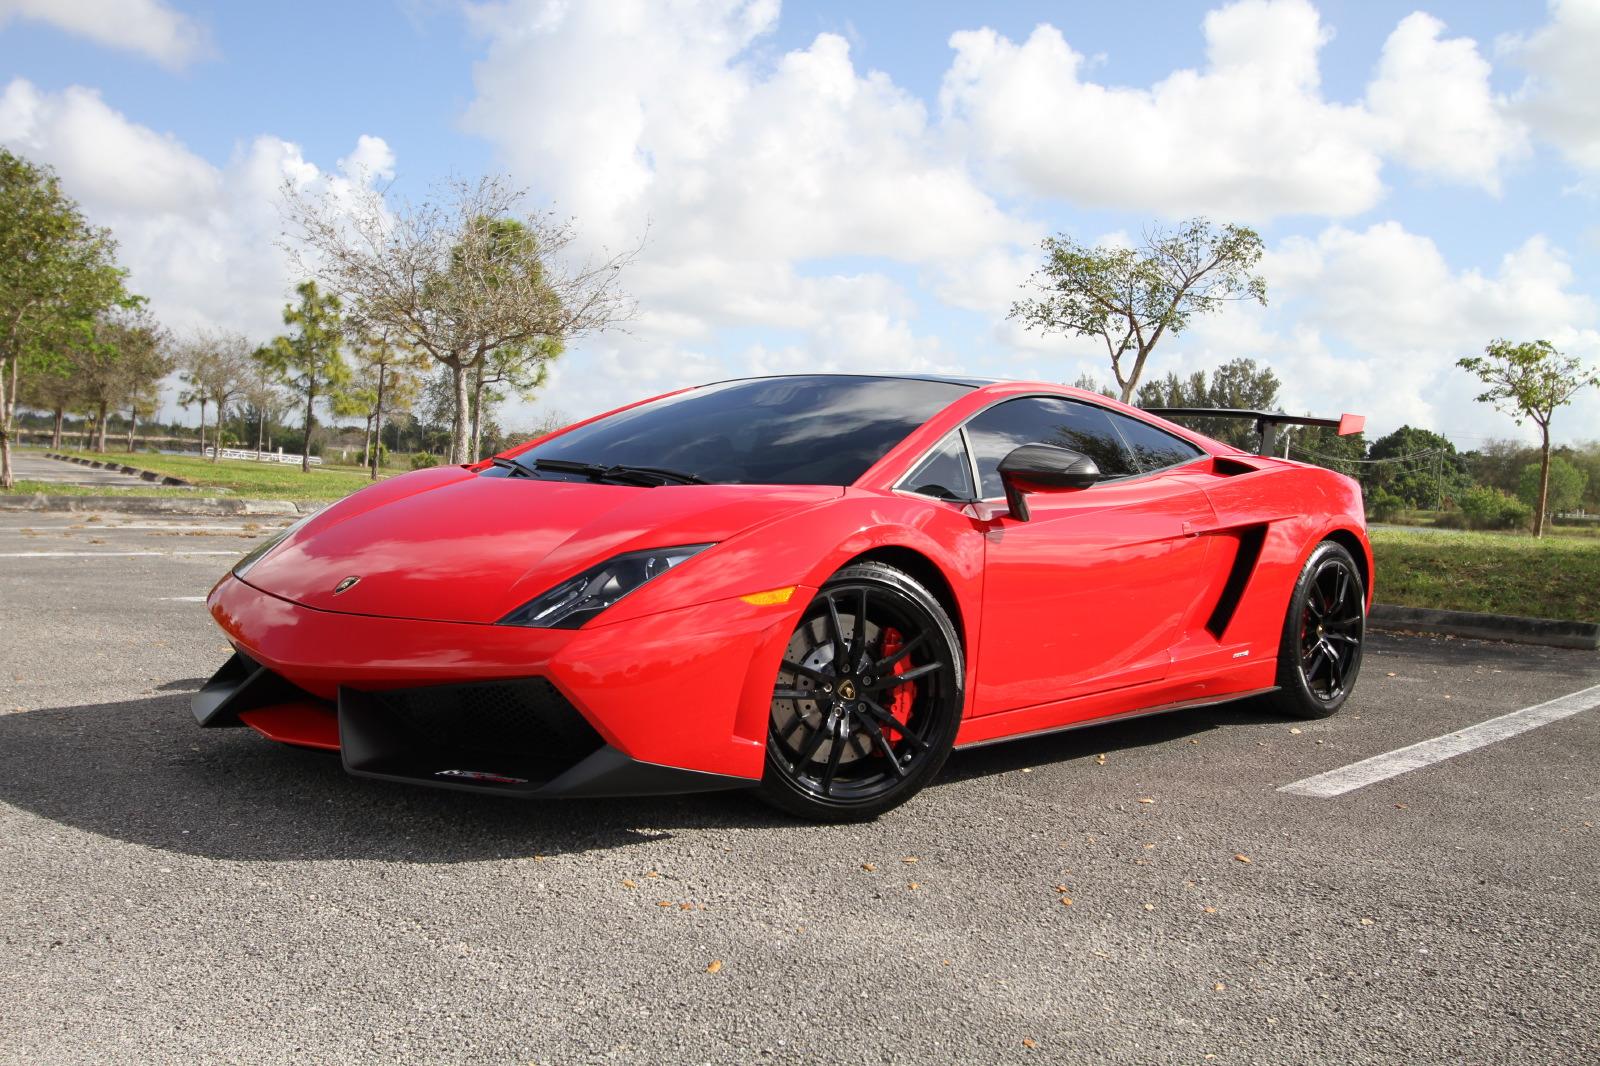 2012-lamborghini-lp570-4-super-trofeo-stradale-rosso-mars-013